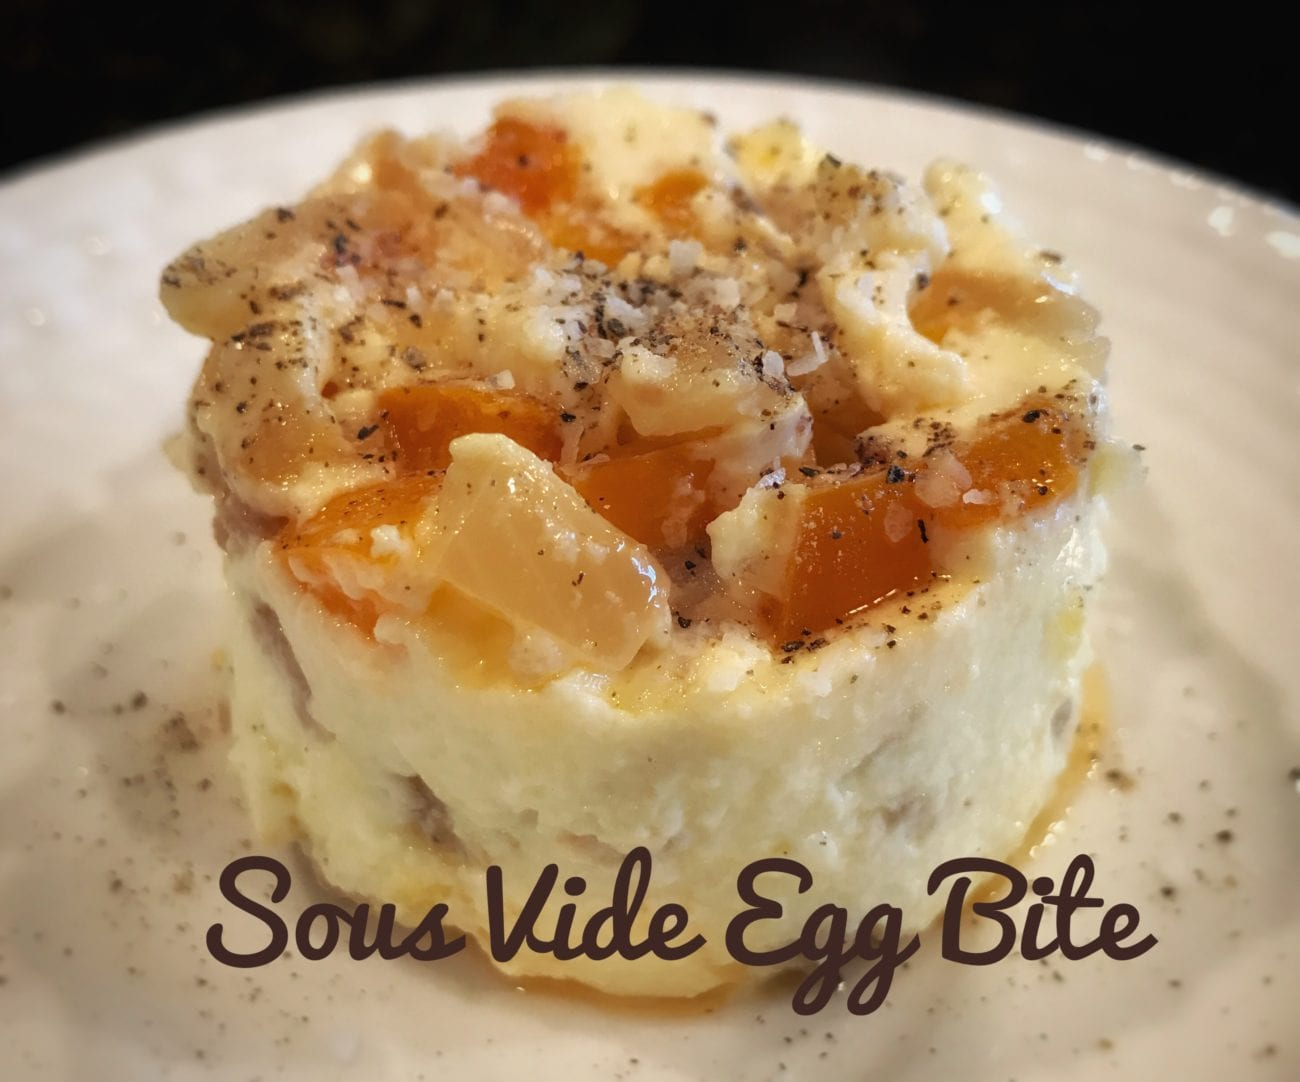 Becky's Sous Vide Custardy Egg Bite